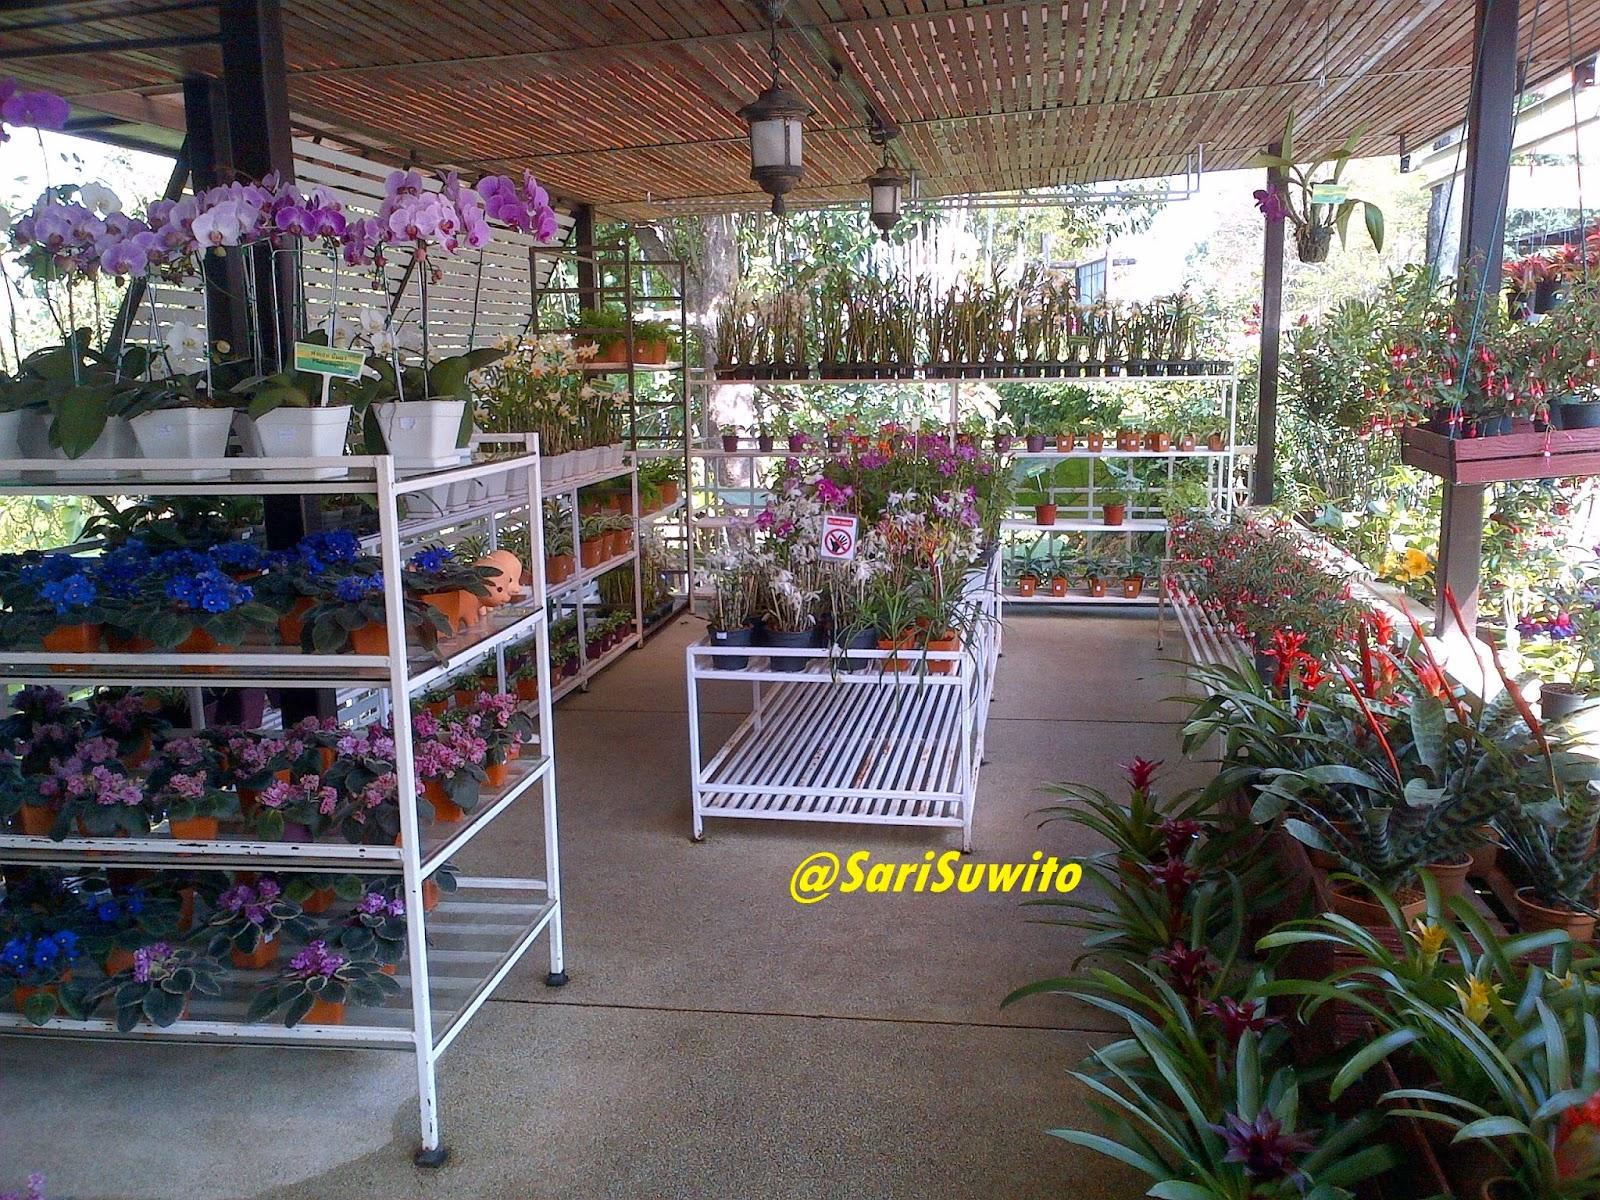 mae+fah+luang+garden-4.jpg